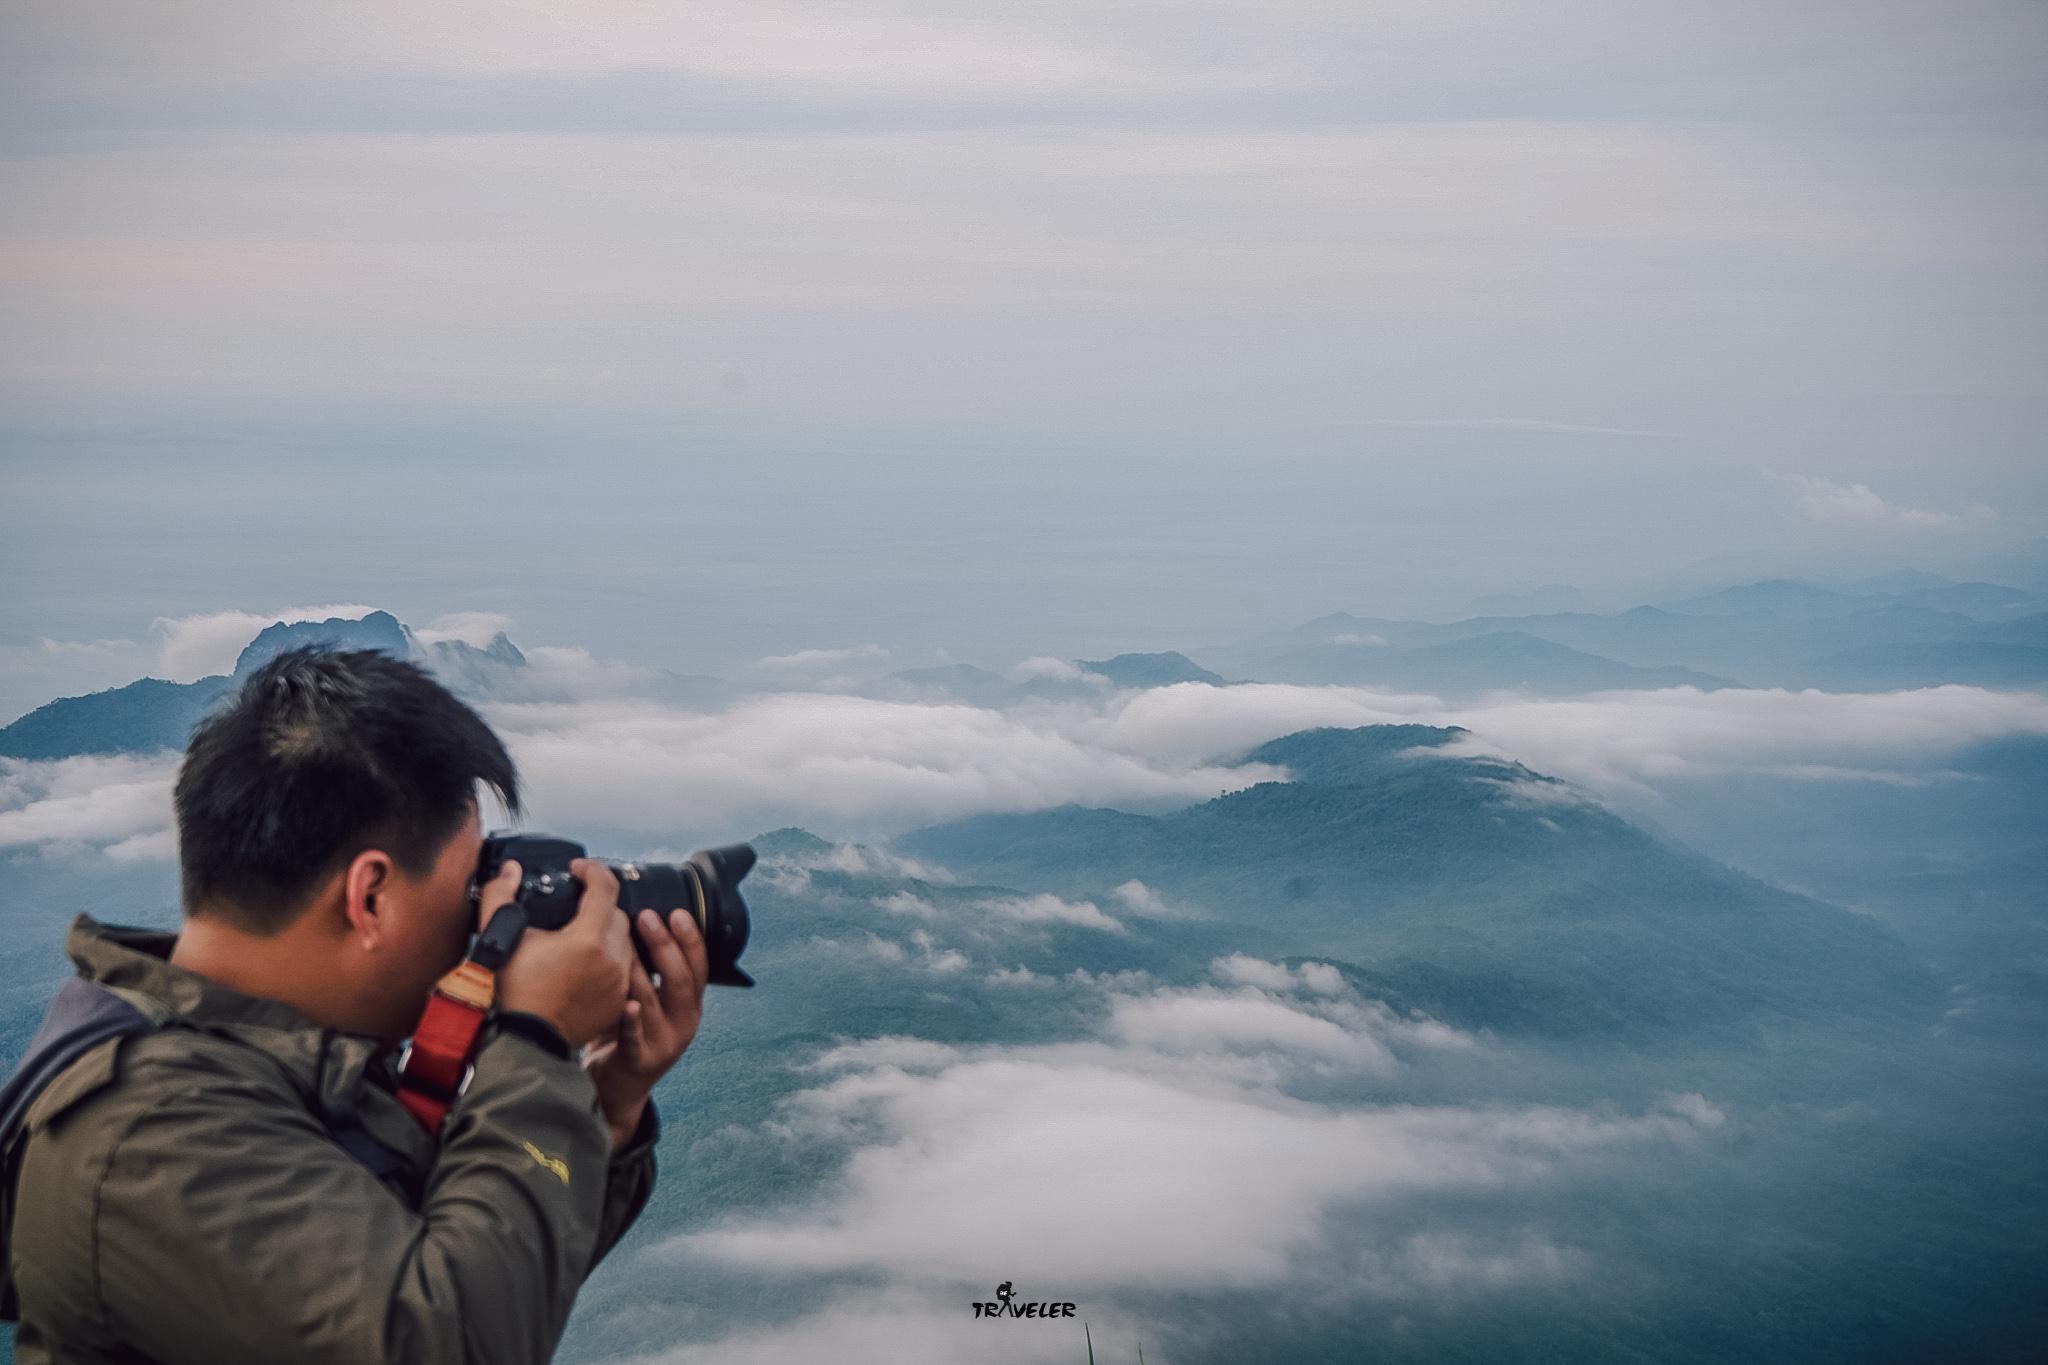 ผาหัวสิงห์ ภูทับเบิก - iBe traveler - ทิปส์แอนด์ทริก  ในการเที่ยวต่างประเทศแบบประหยัด